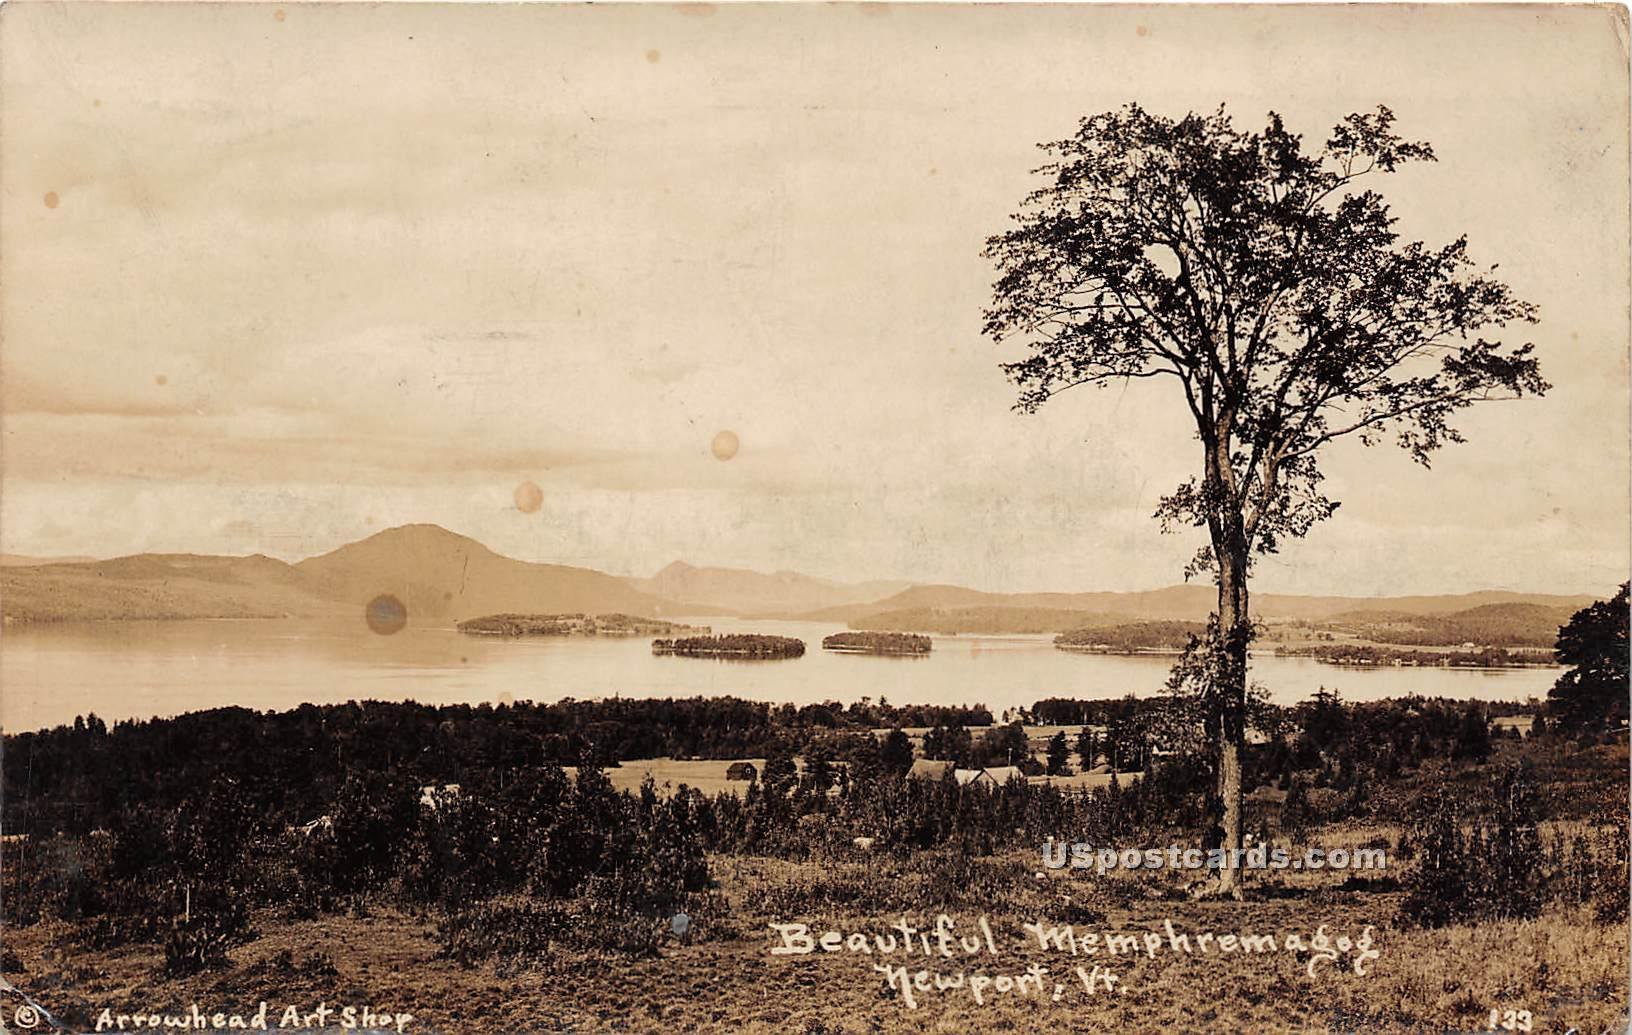 Memphremagog - Newport, Vermont VT Postcard